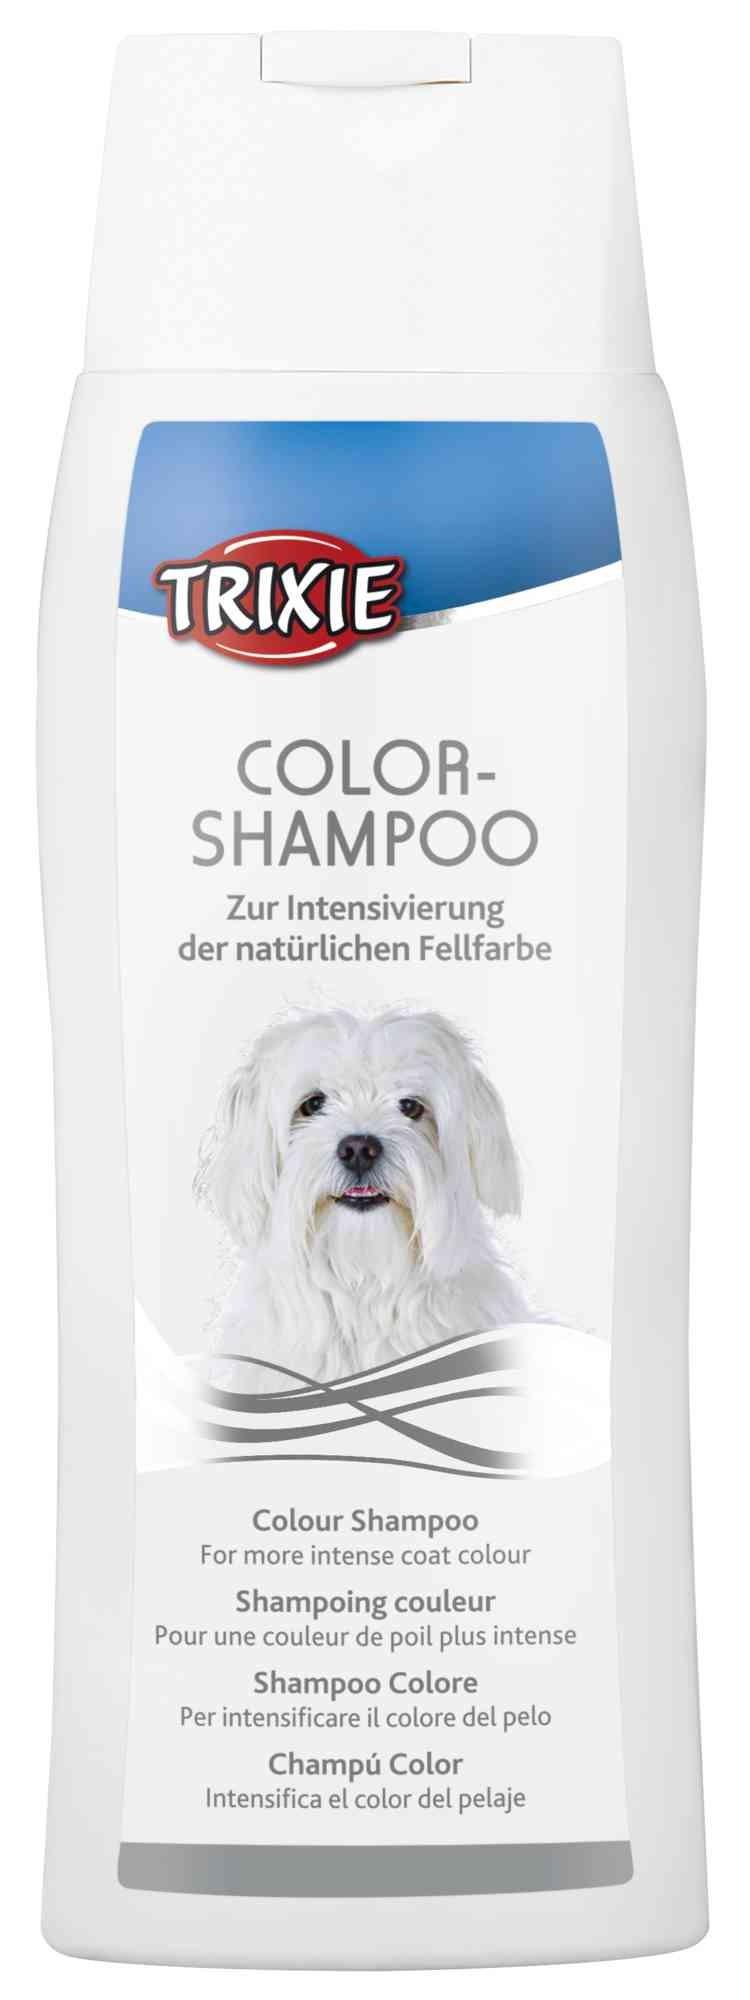 Colour Shampoo voor witte- of zwarte vacht voor de hond